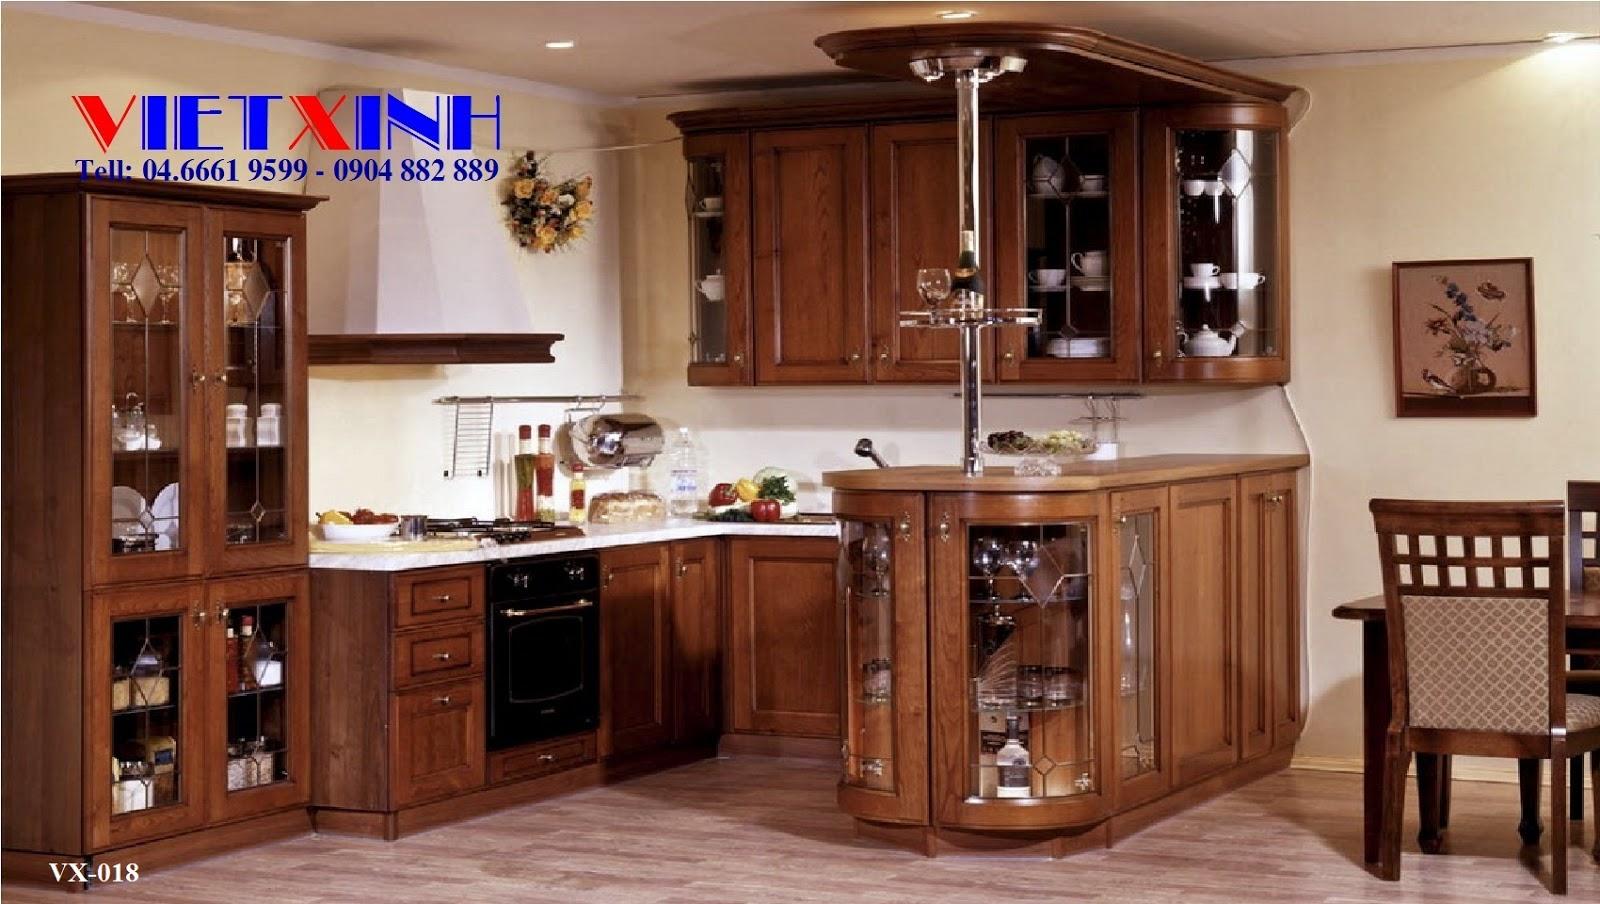 Hình ảnh in Những mẫu tủ bếp đẹp nhất